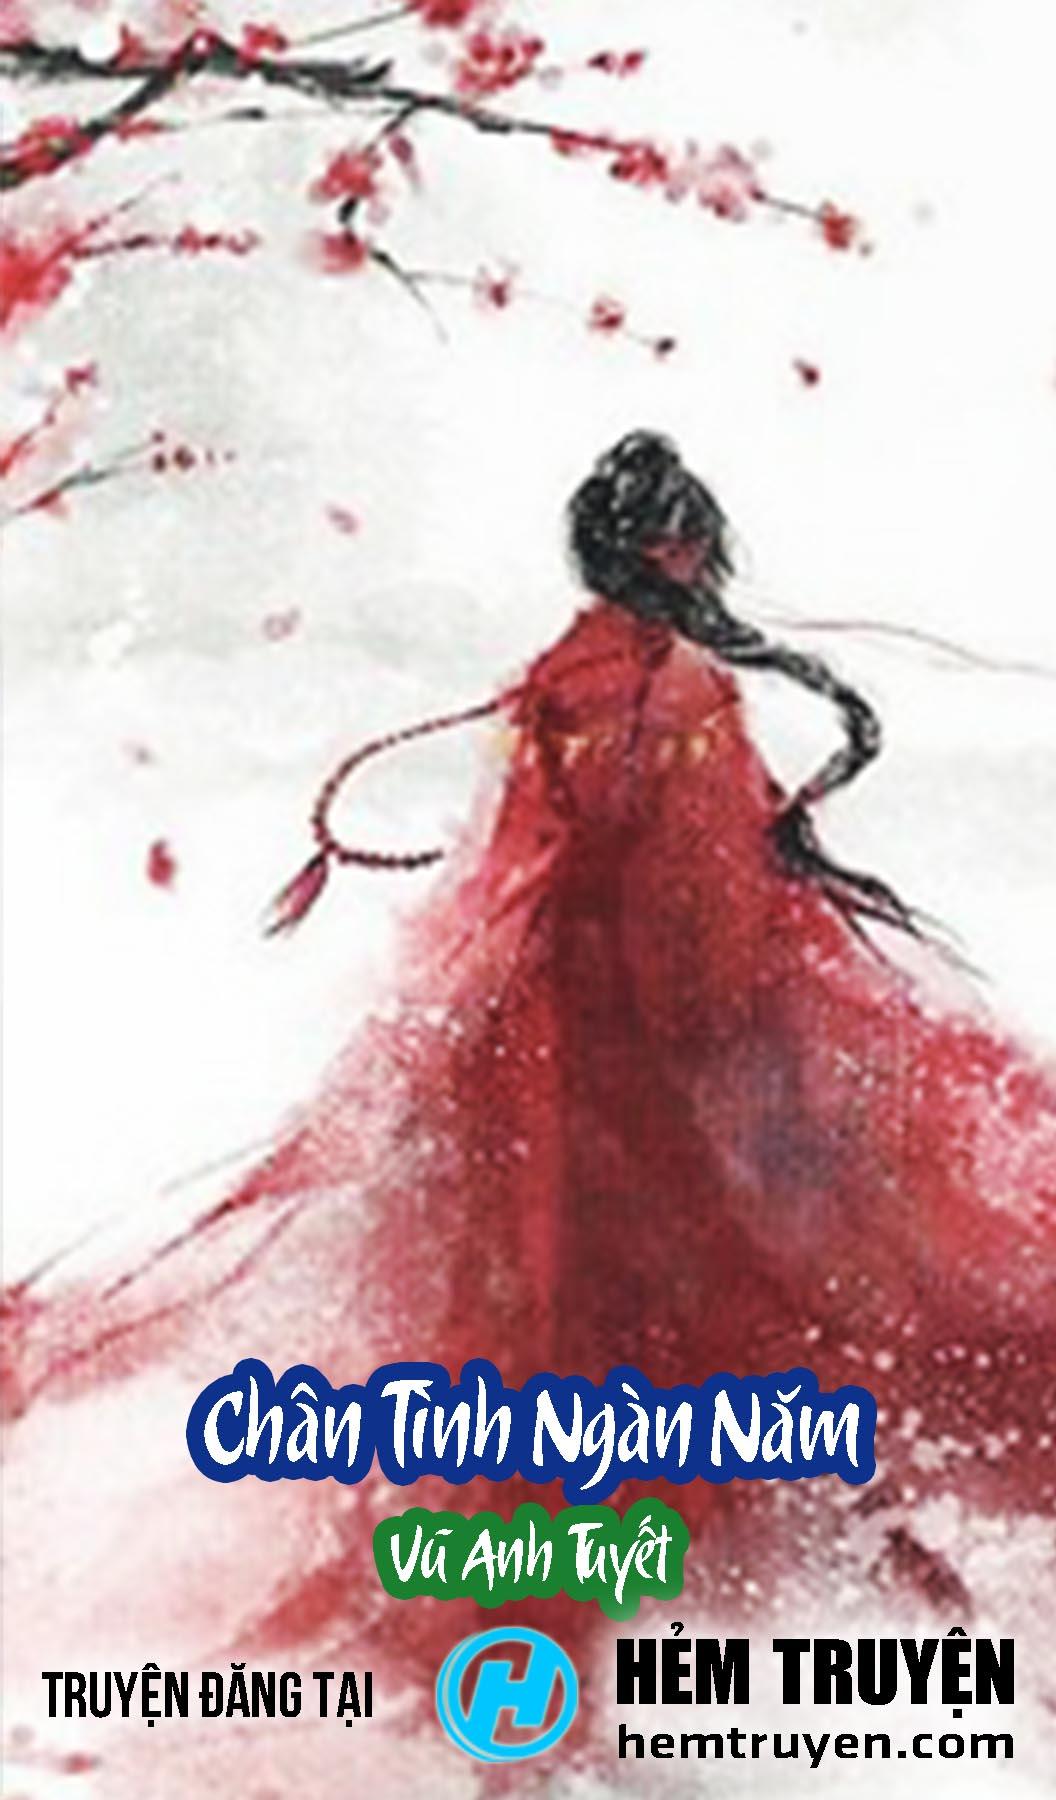 Đọc truyện Chân Tình Ngàn Năm của Vũ Anh Tuyết trên HEMTRUYEN.COM